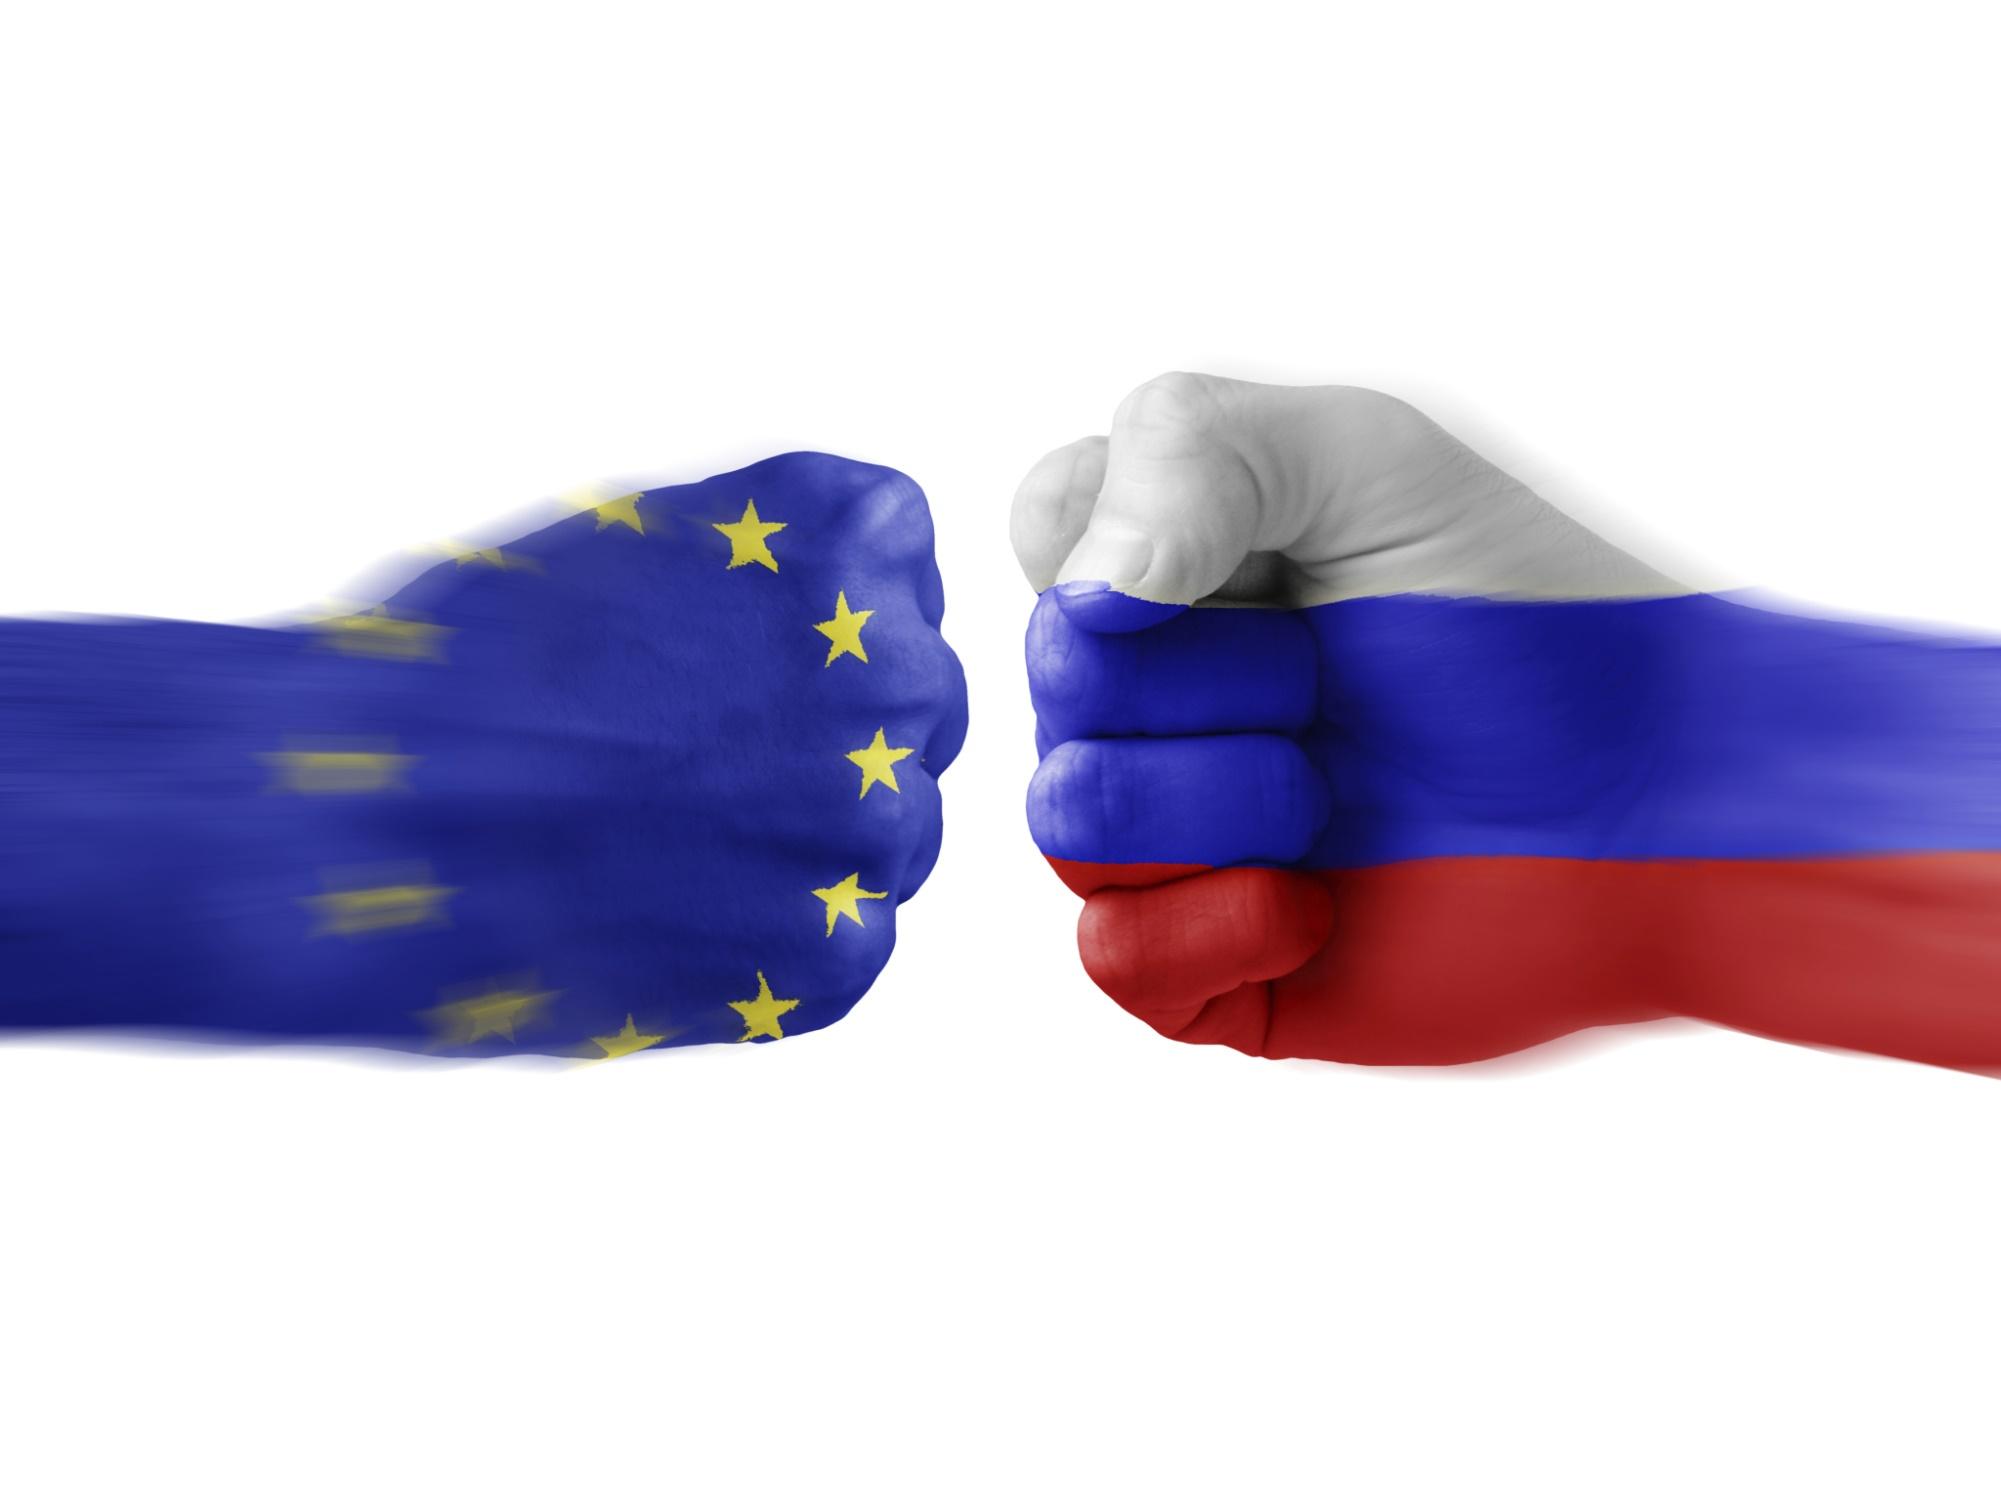 هشدار روسیه به اتحادیه اروپا